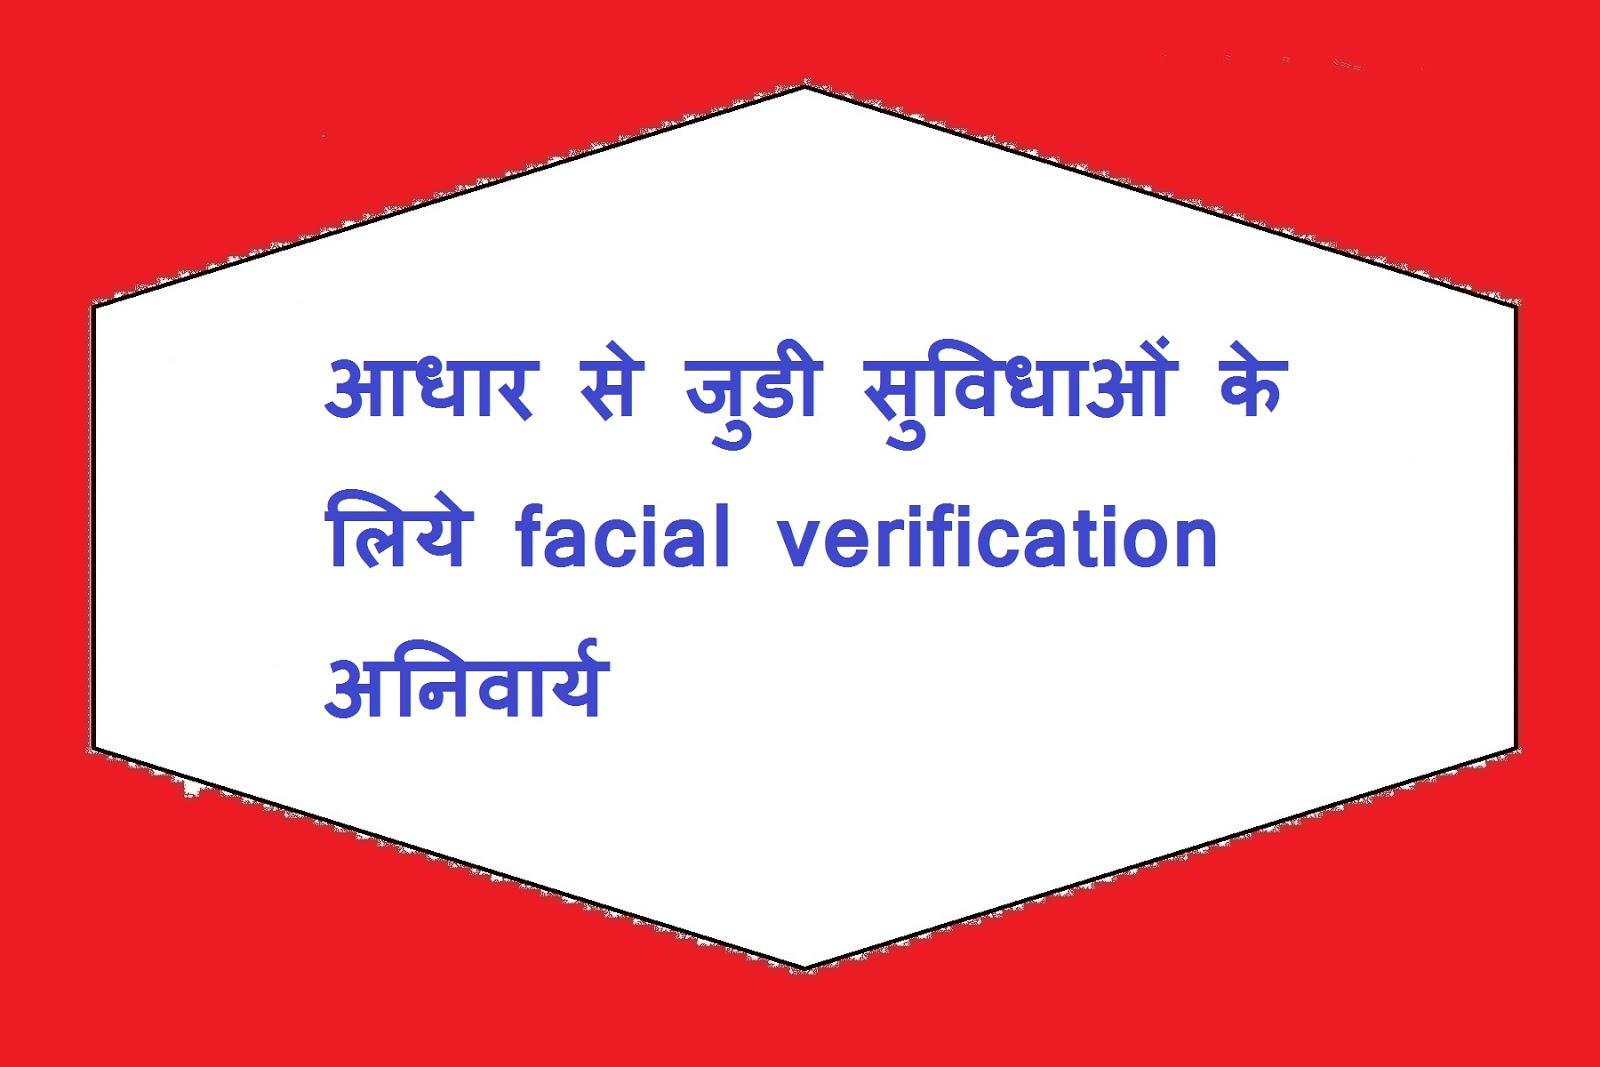 आधार से जुडी सुविधाओं के लिये facial verification अनिवार्य | AADHAR | (UIDAI)